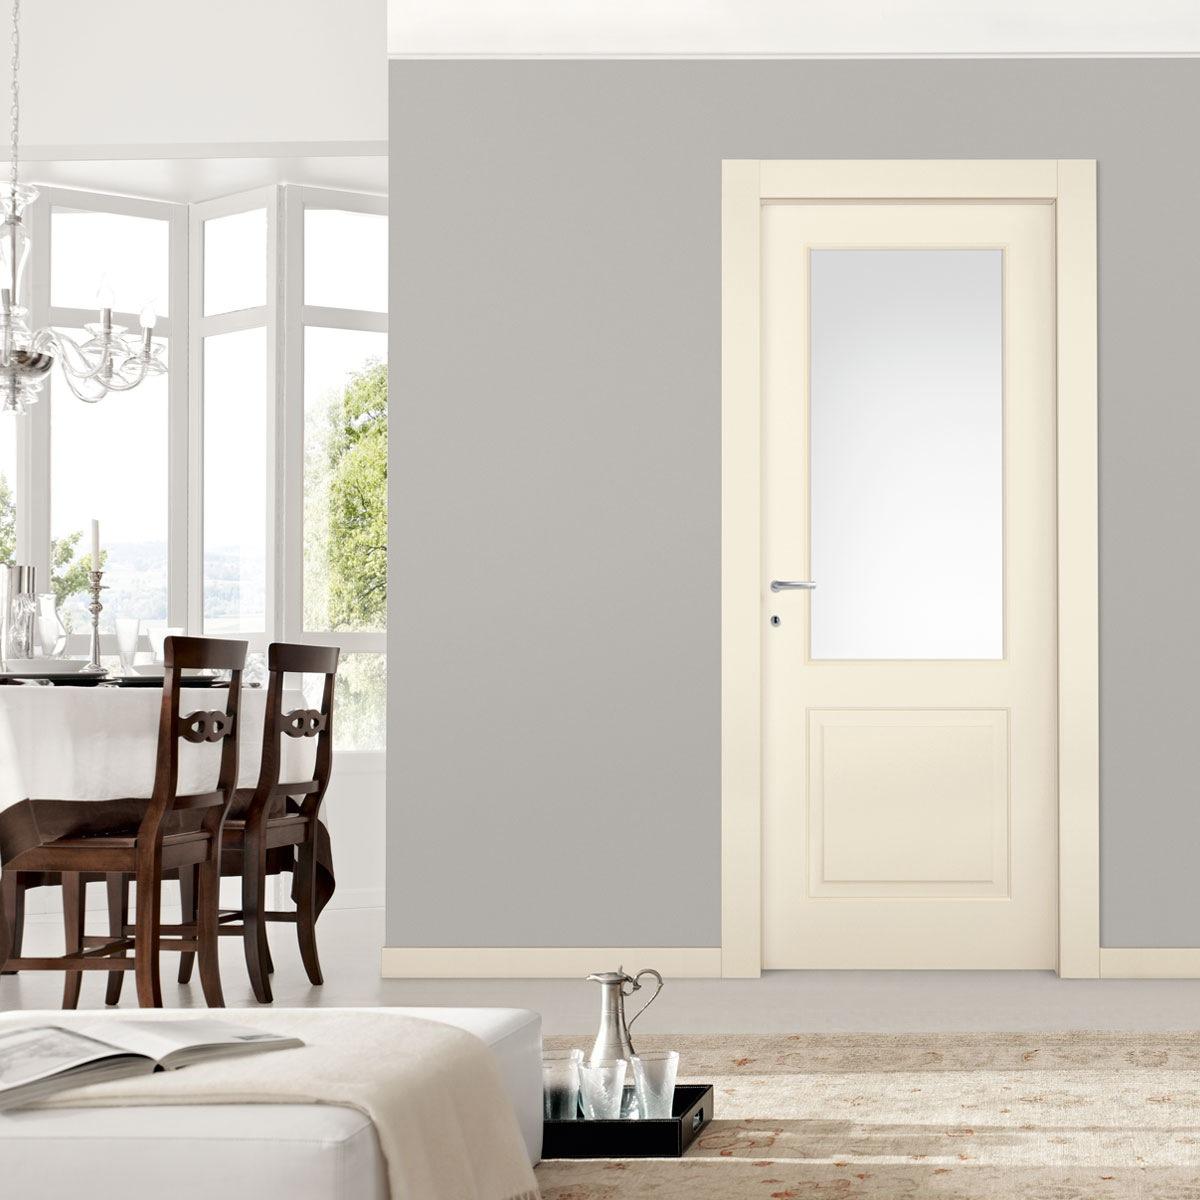 דלת דו -פנל. עם זכוכית חלבית צבע שמנת